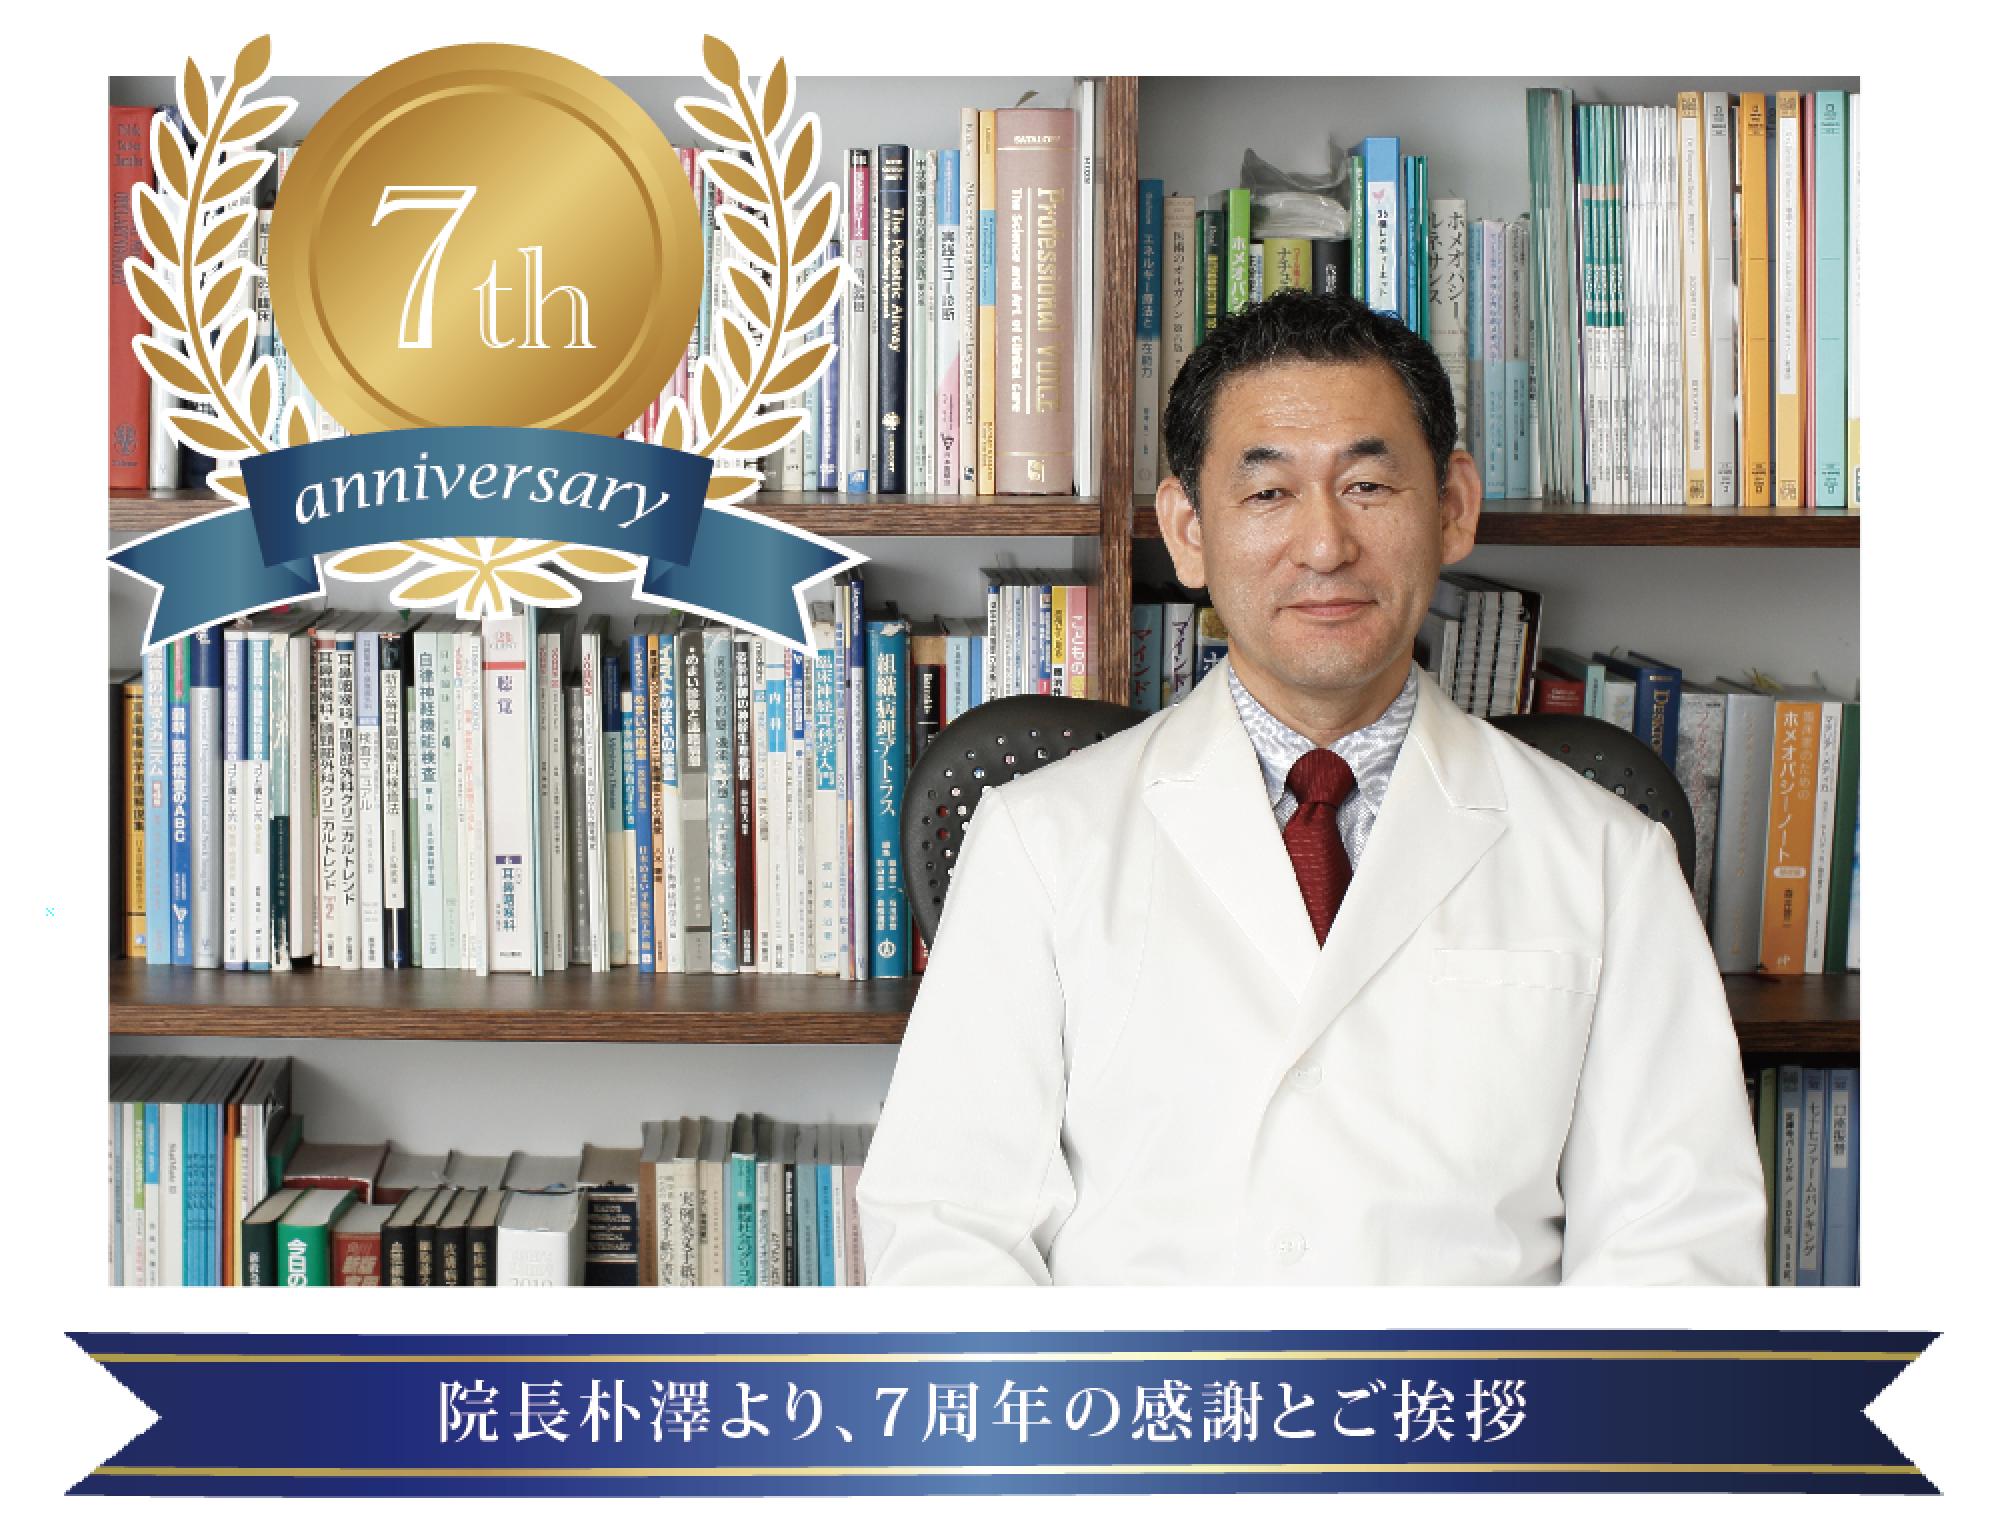 http://hozawa.jp/news/news_img/%E3%82%B9%E3%82%AF%E3%83%AA%E3%83%BC%E3%83%B3%E3%82%B7%E3%83%A7%E3%83%83%E3%83%88%202018-02-08%209.27.49.png